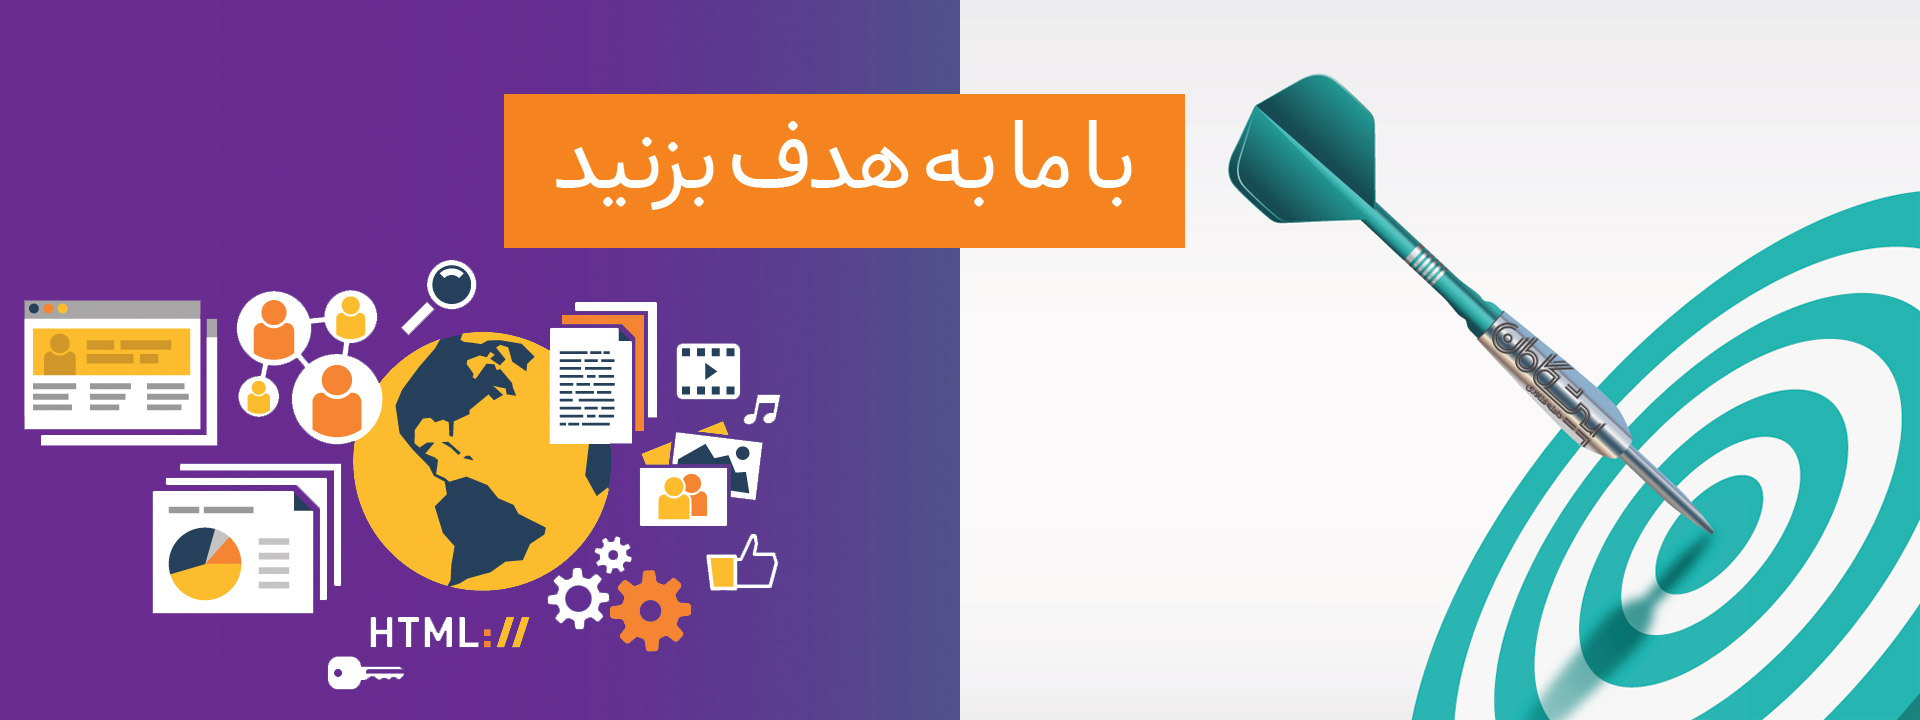 پیشگامان دامنه فناوری , طراحی سایت , بهینه سازی سایت , سئو , وب مارکتینگ , مشهد , فروشگاه اینترنتی , اپلیکیشن موبایل